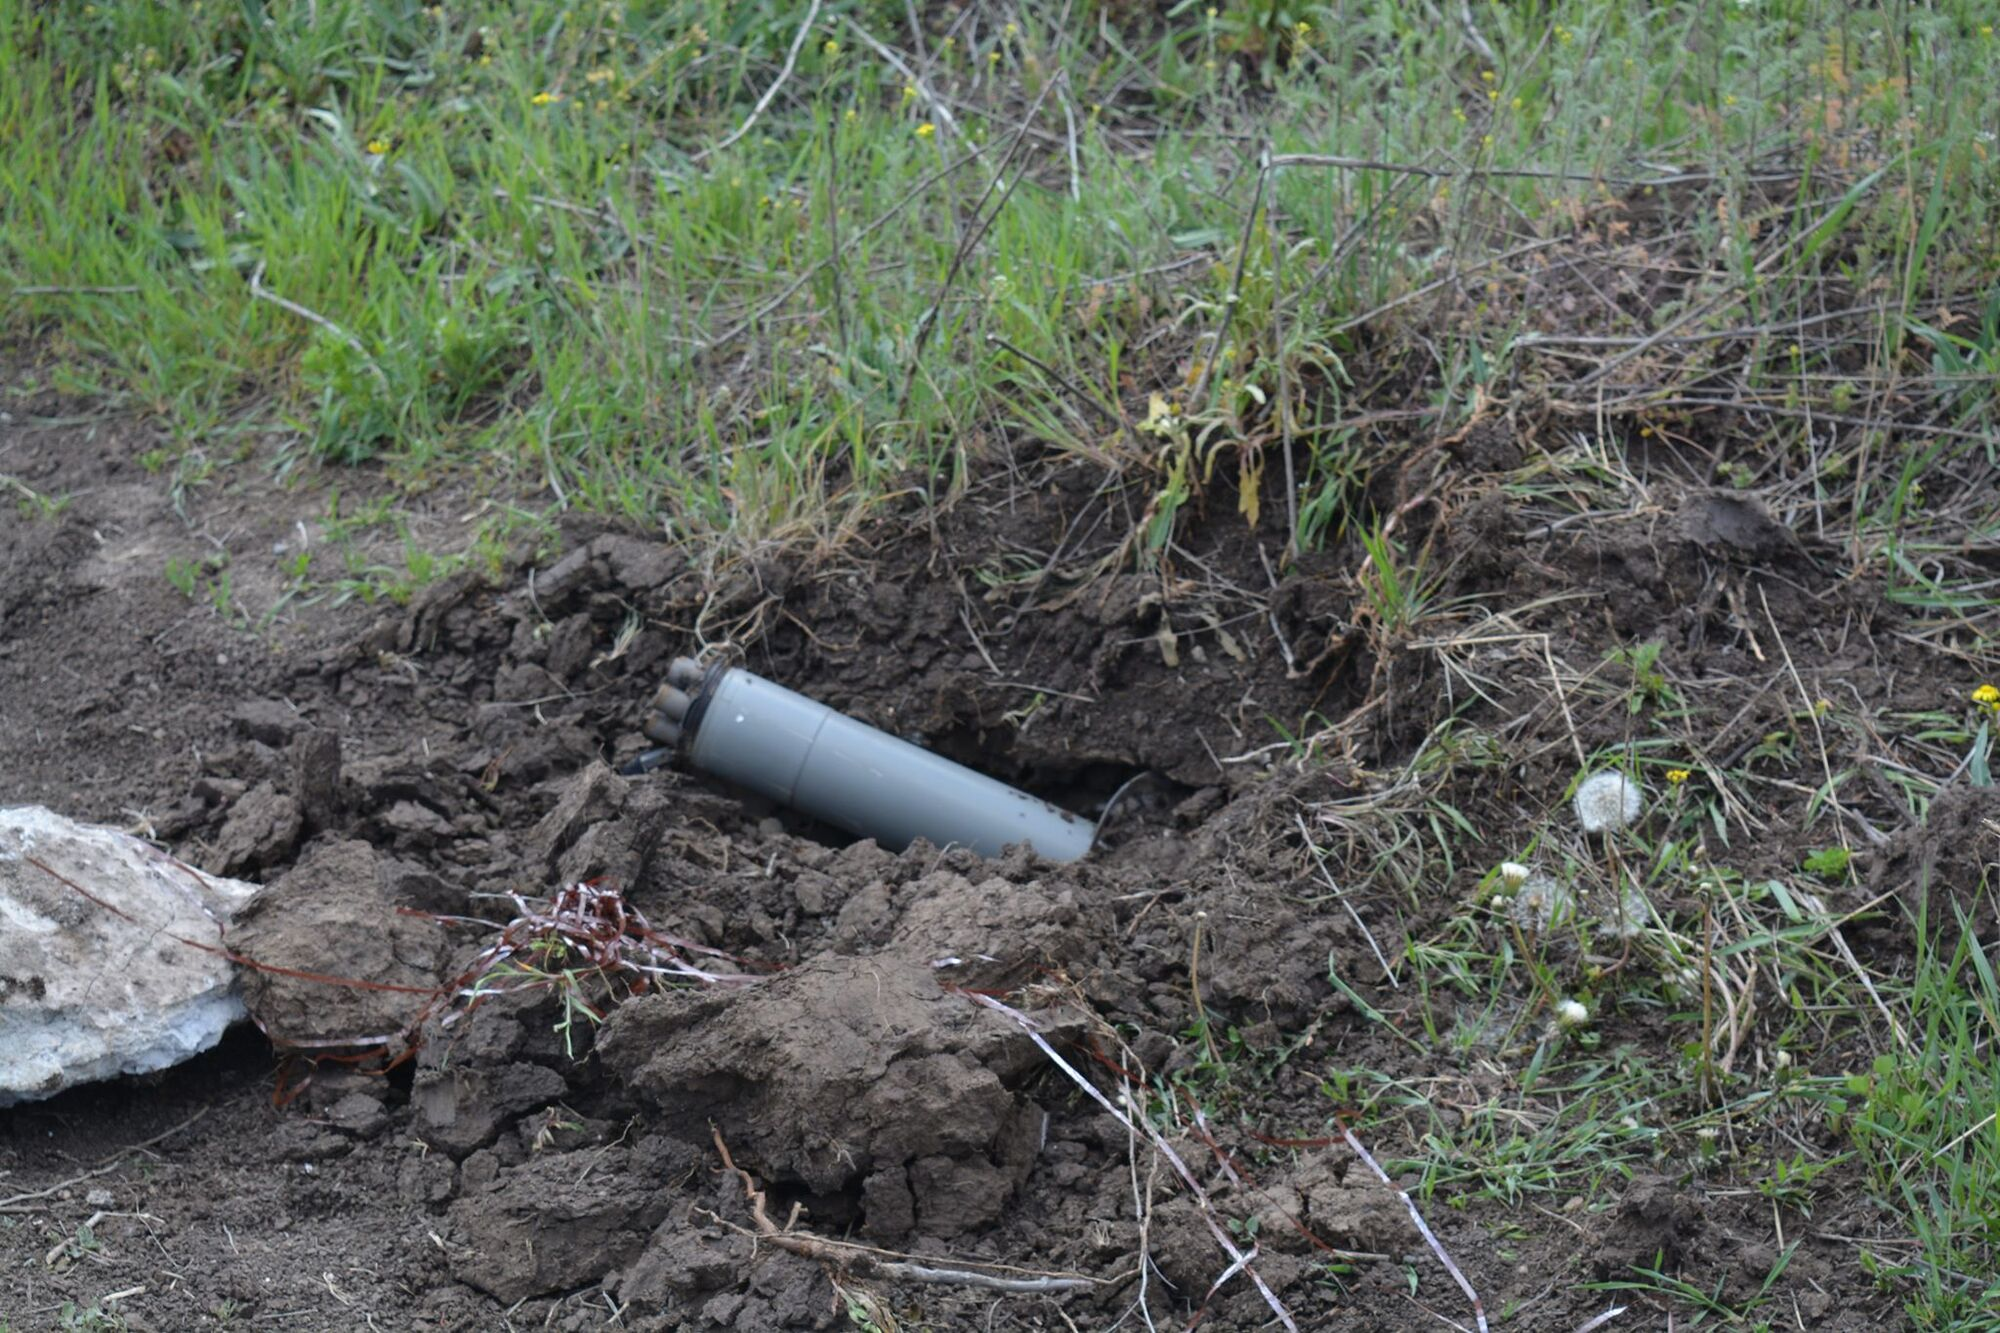 Війська Путіна запустили ракету по мирному населенню